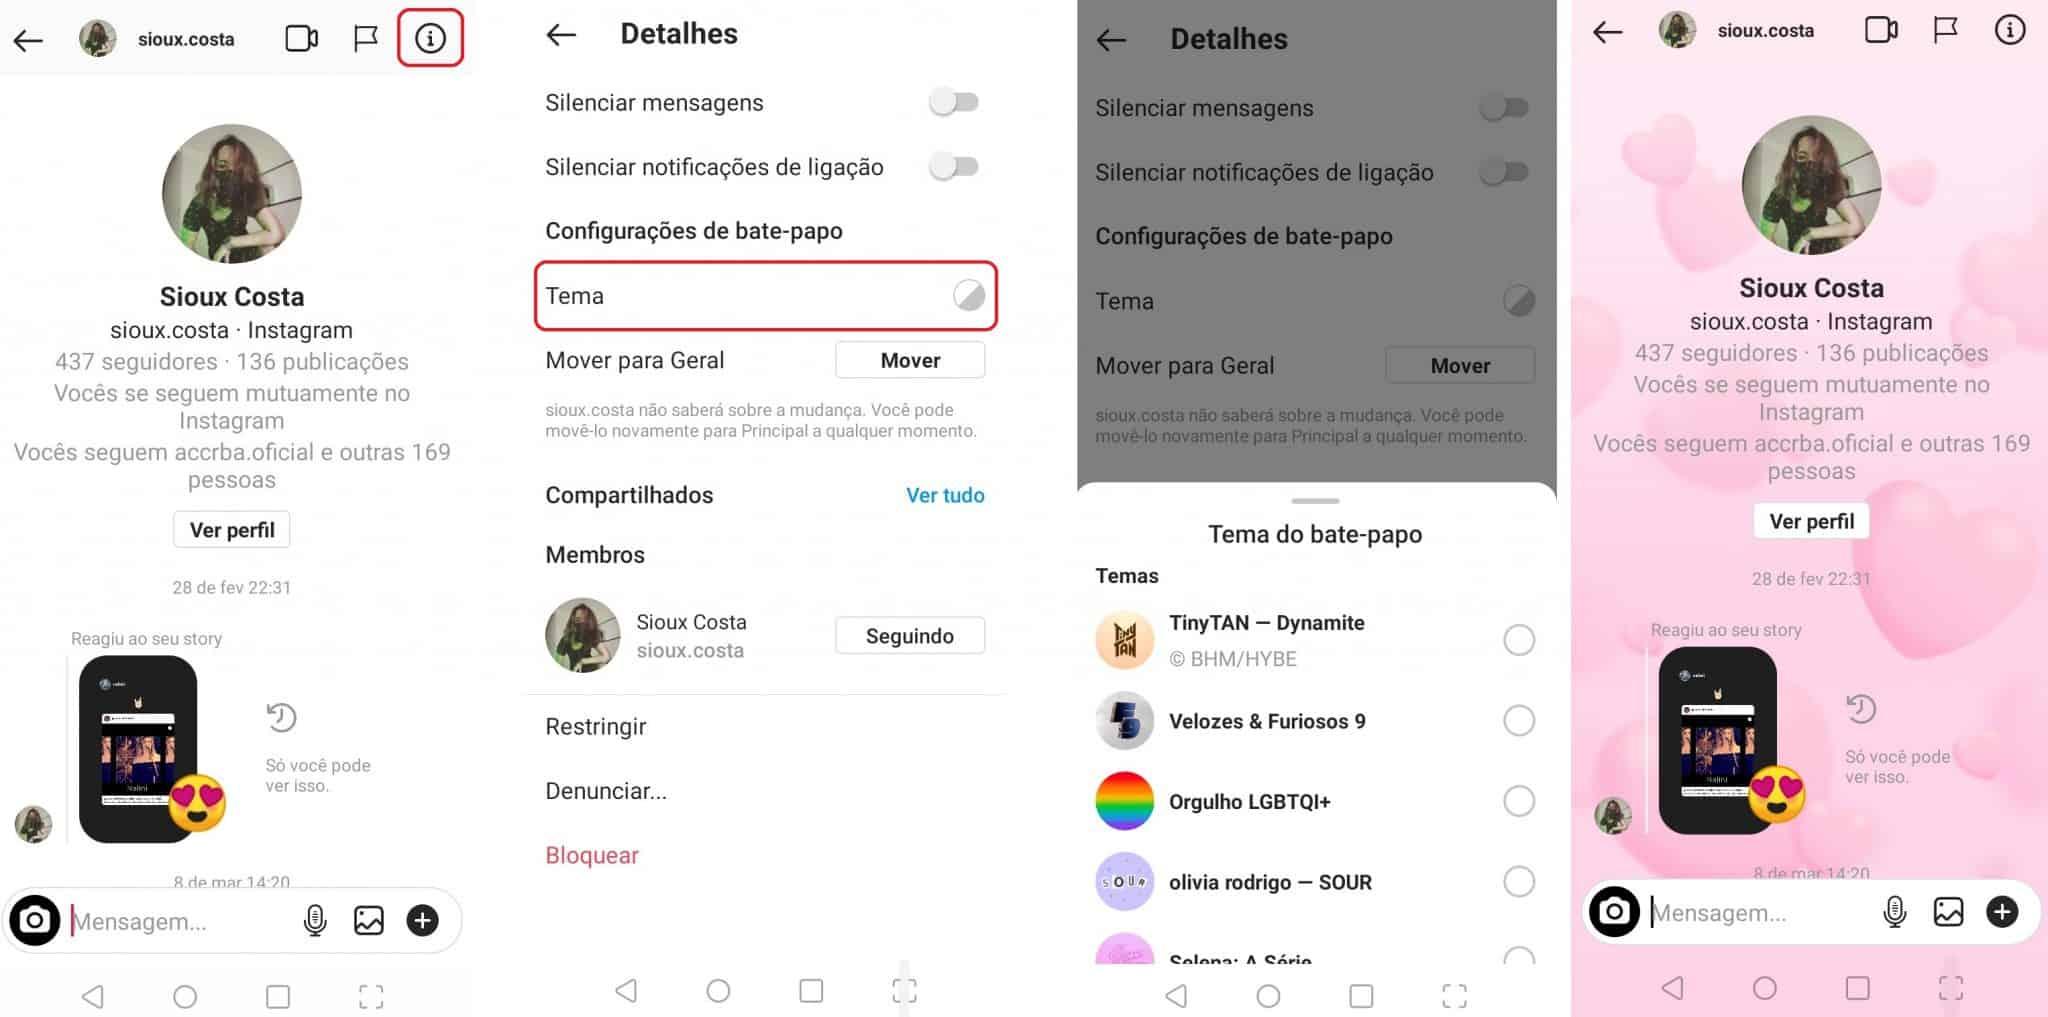 imagem 2 de Como mudar o tema dos chats do Instagram no Android